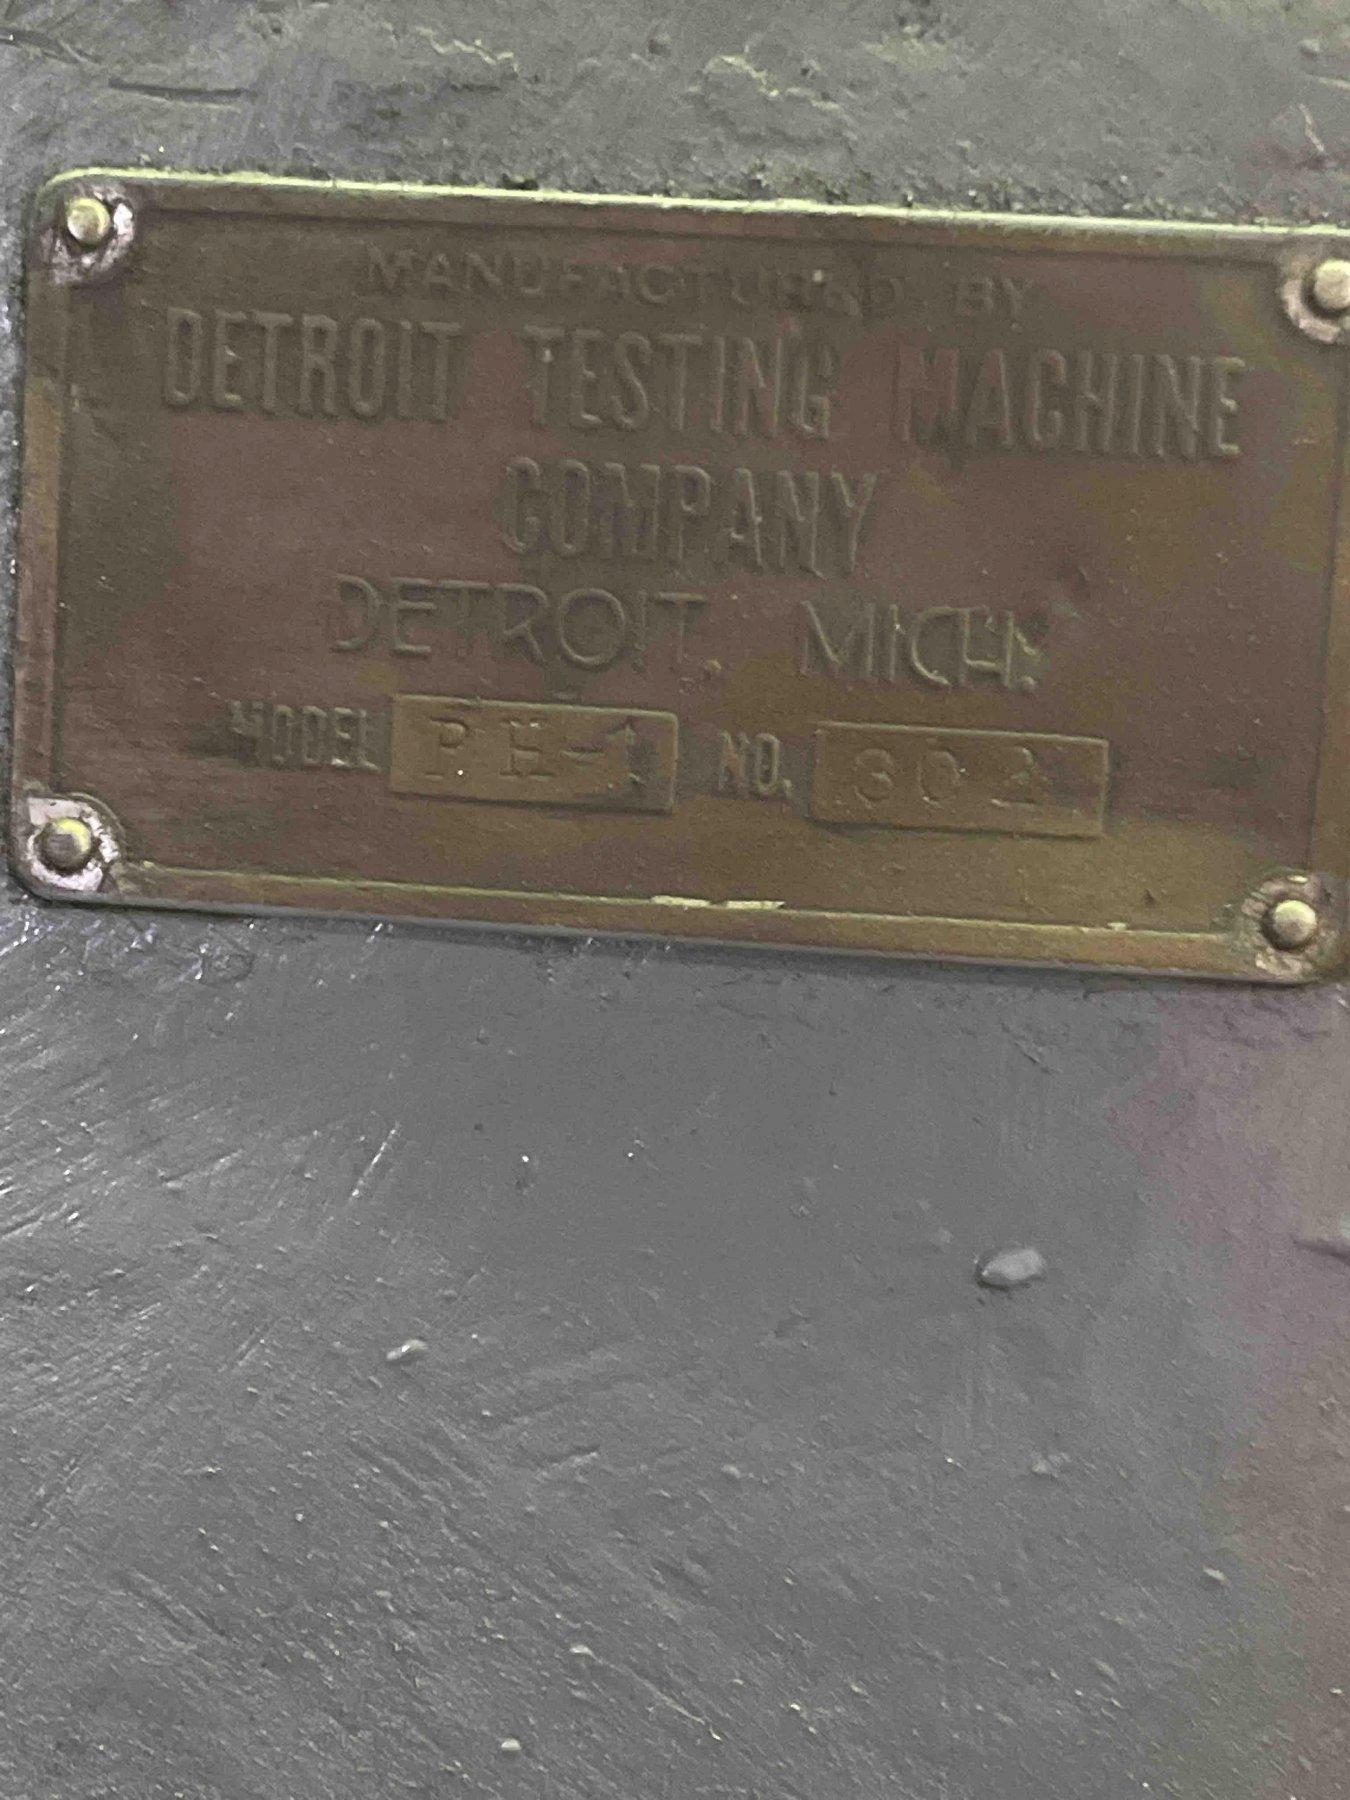 detroit model ph-1 brinell tester s/n 302, 5000 kg